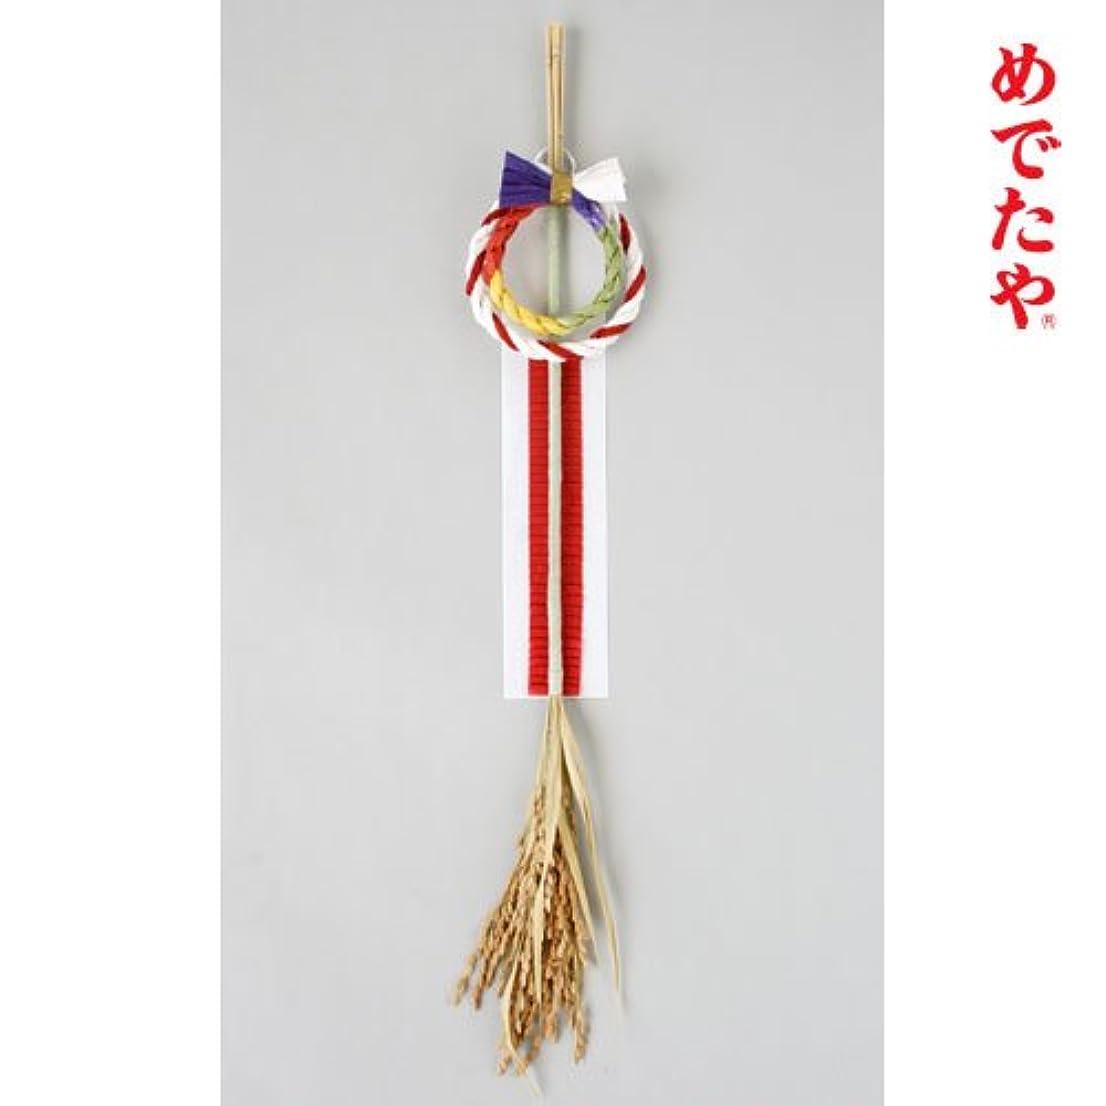 違法居住者熱狂的な正月飾り いなほ飾り 五色 めでたや New Year's decoration